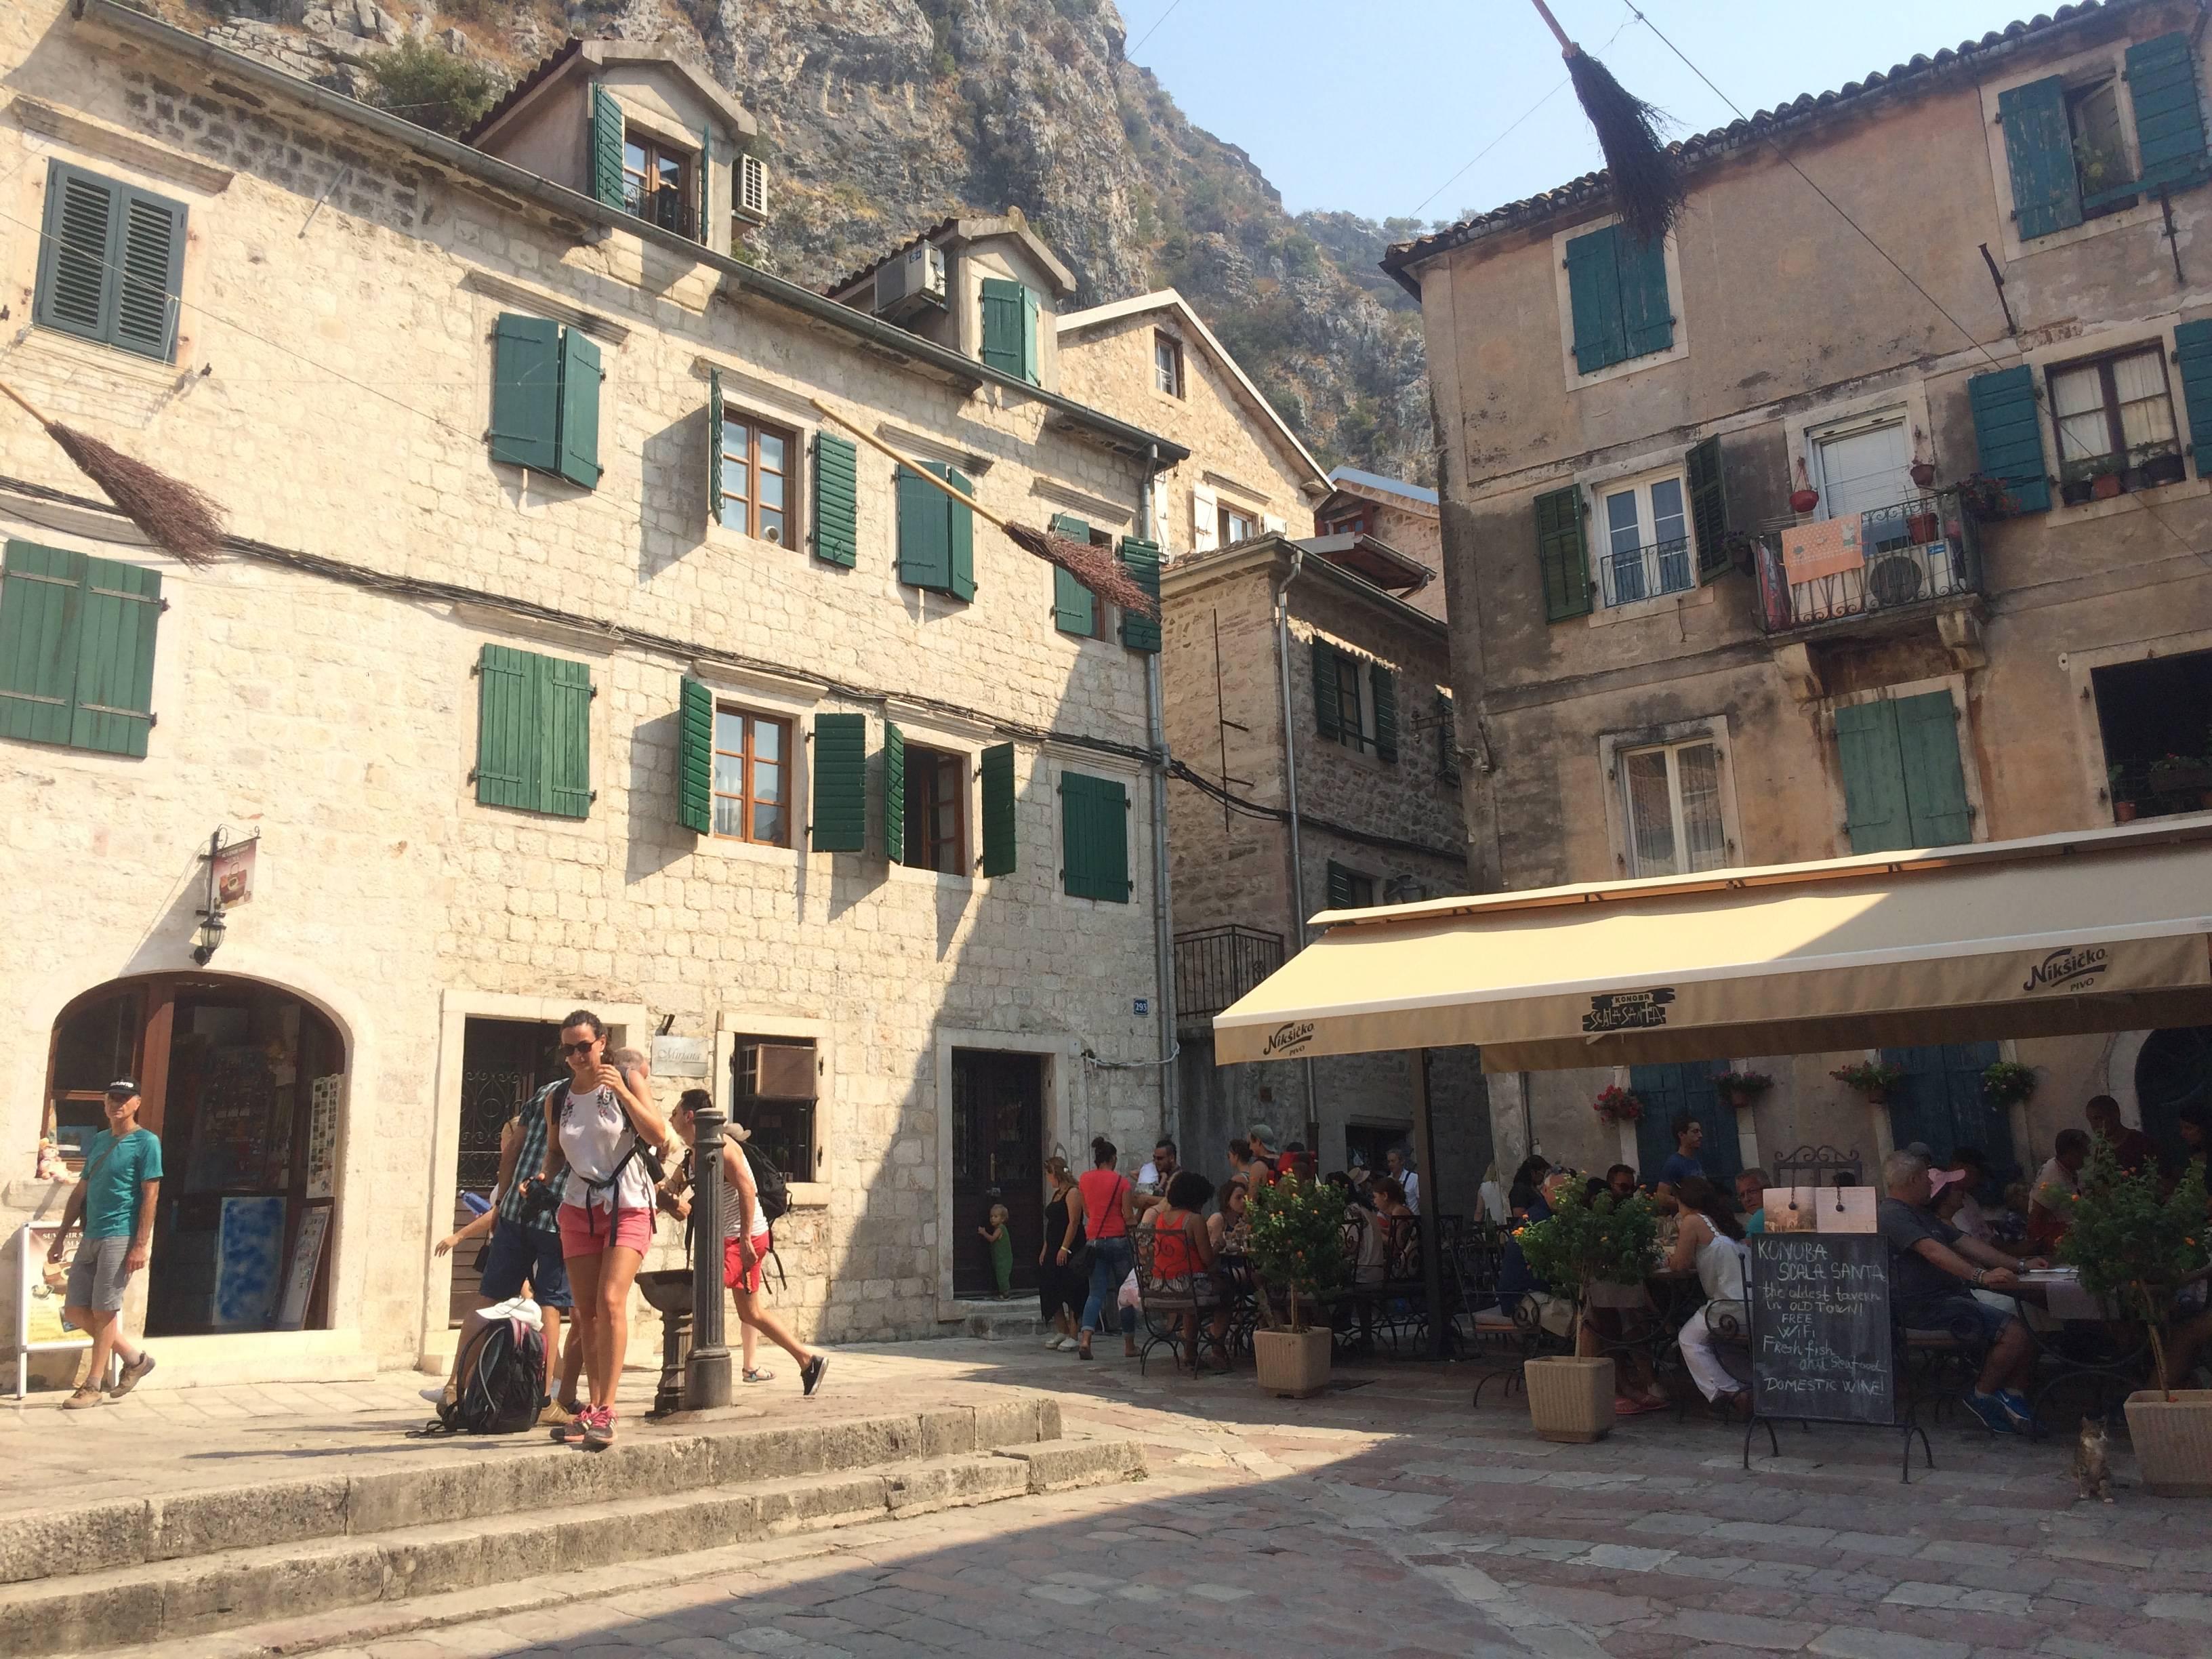 Photo 3: La vieille Ville de Kotor